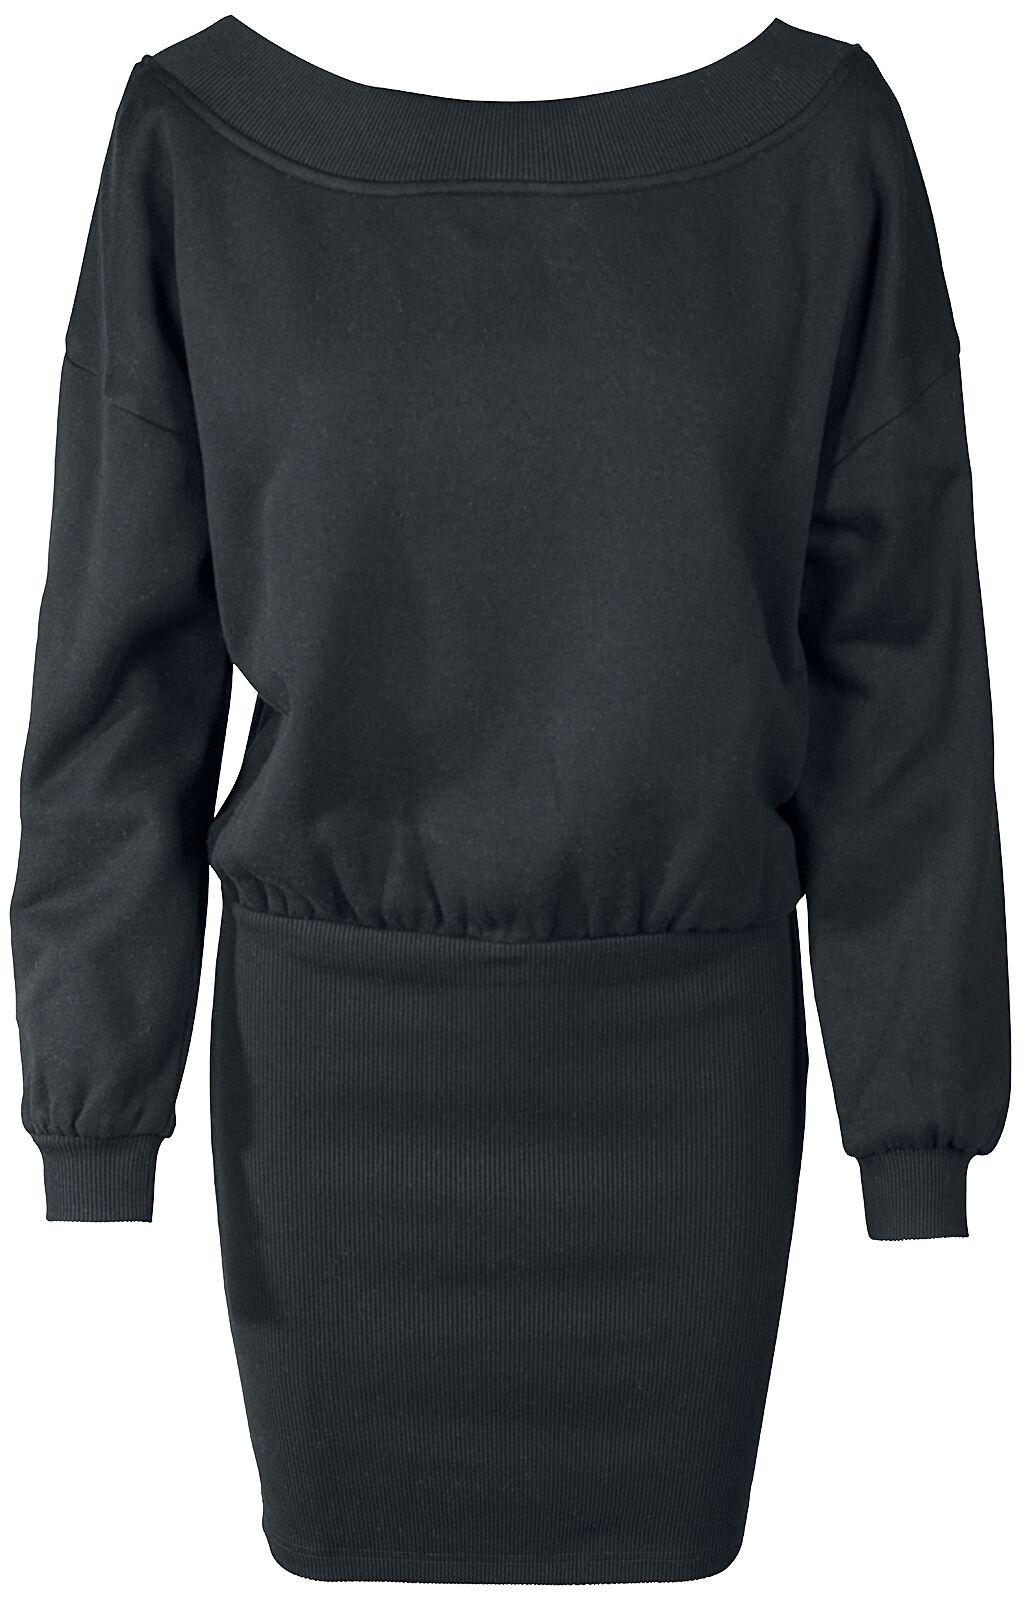 Kleider - Urban Classics Ladies Sweat Off Shoulder Dress Kurzes Kleid schwarz  - Onlineshop EMP